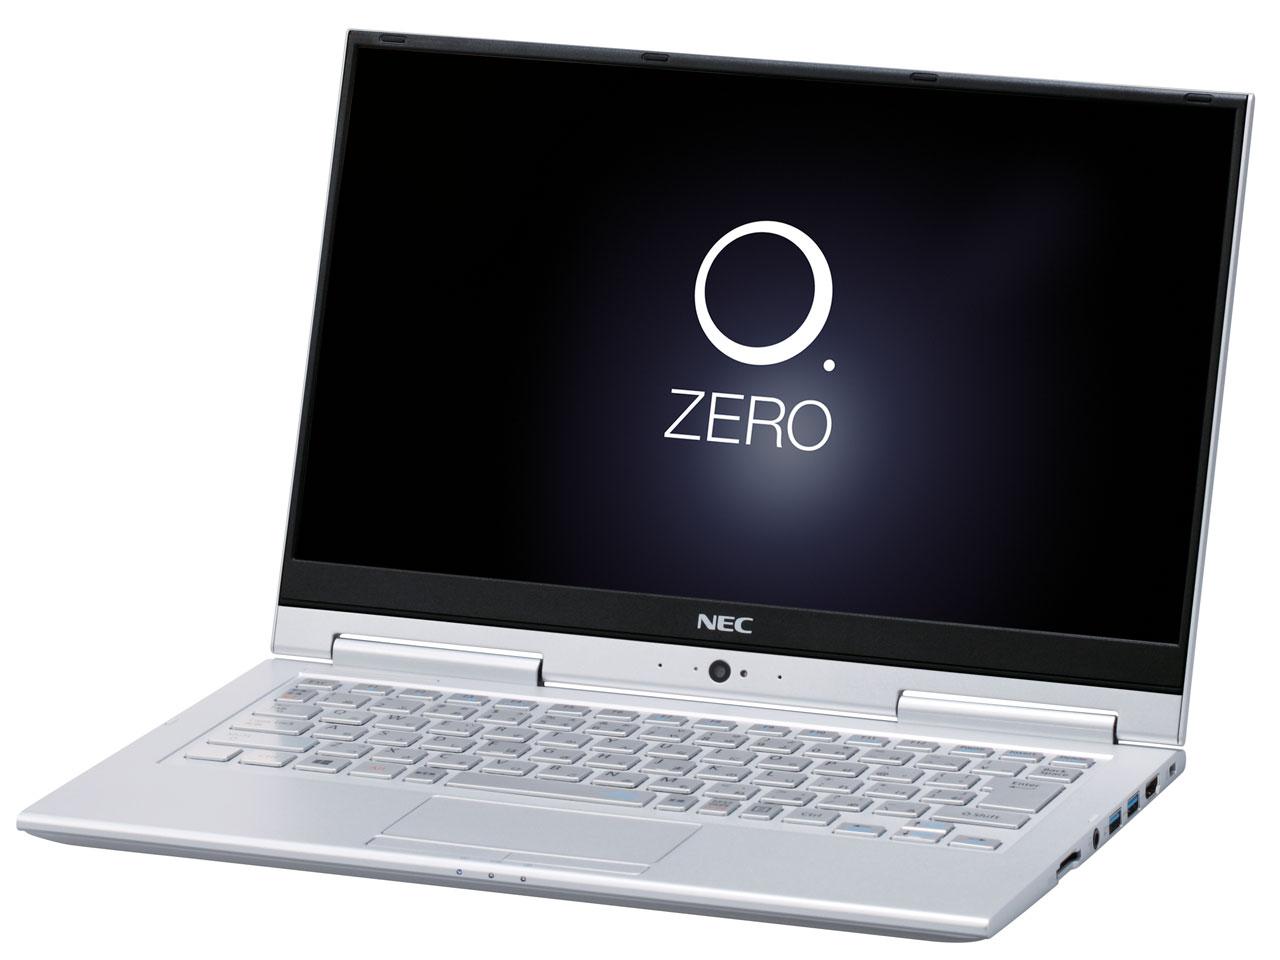 価格.com - LAVIE Hybrid ZERO HZ350/GAS PC-HZ350GAS [ムーンシルバー] の製品 ...